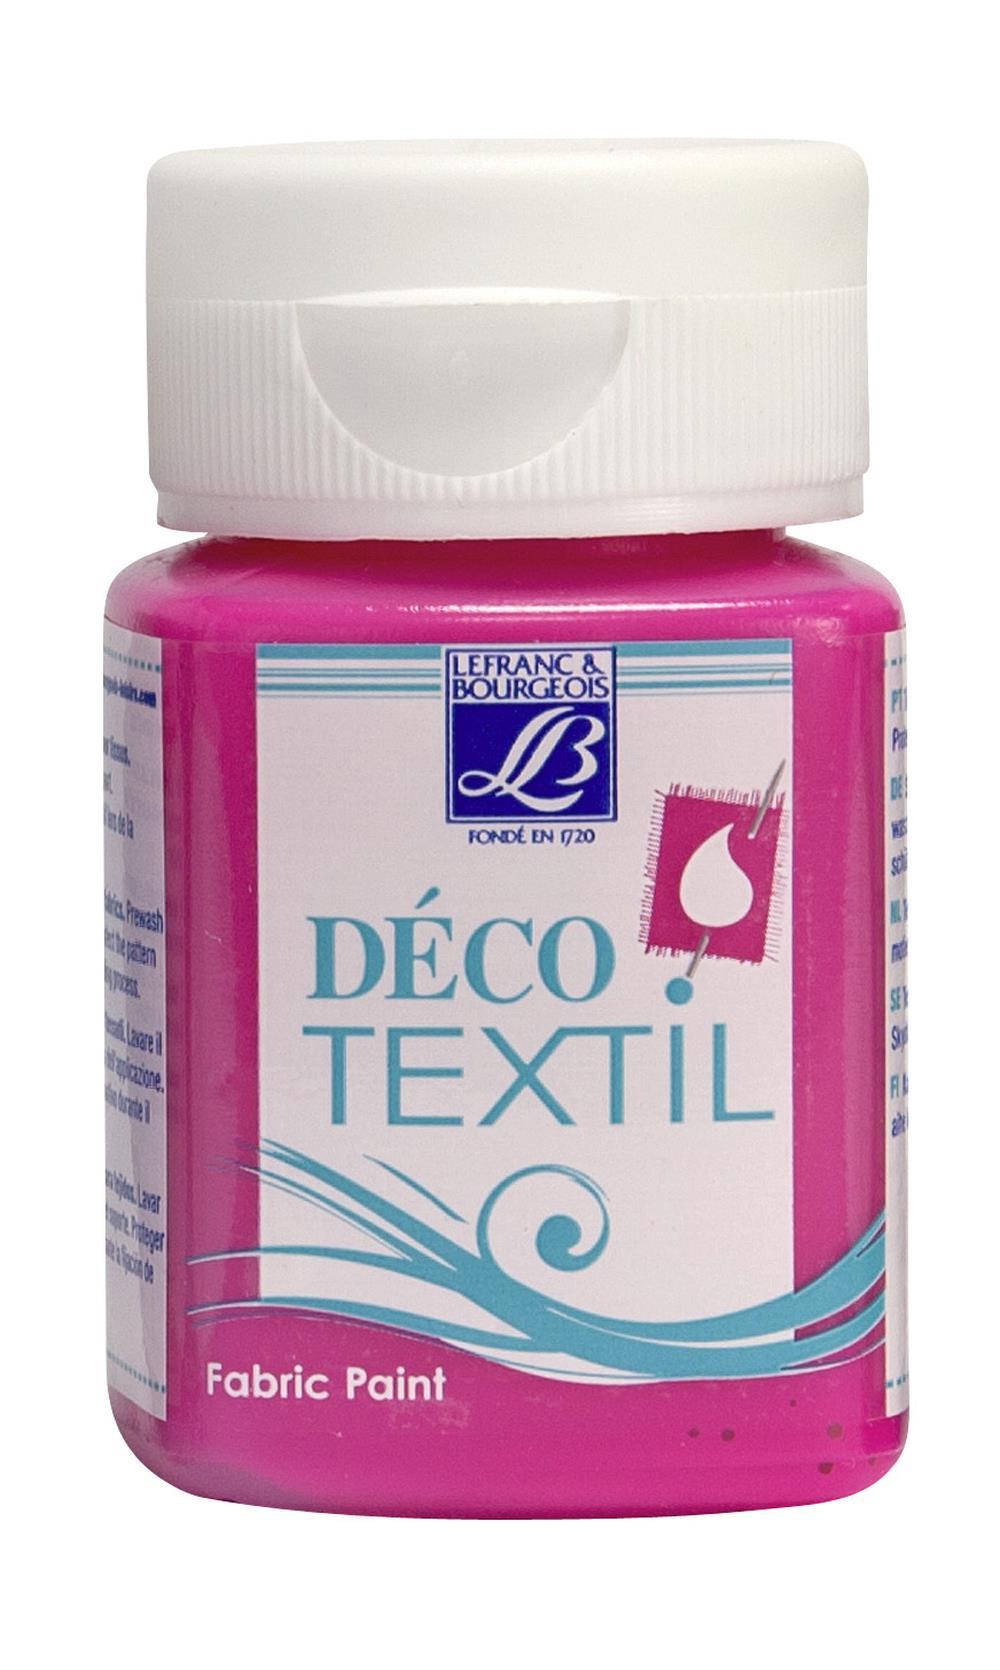 Tygfärg L&B Deco Textil 50ml  Neon Pink - effekt 408 (4F) Utgår